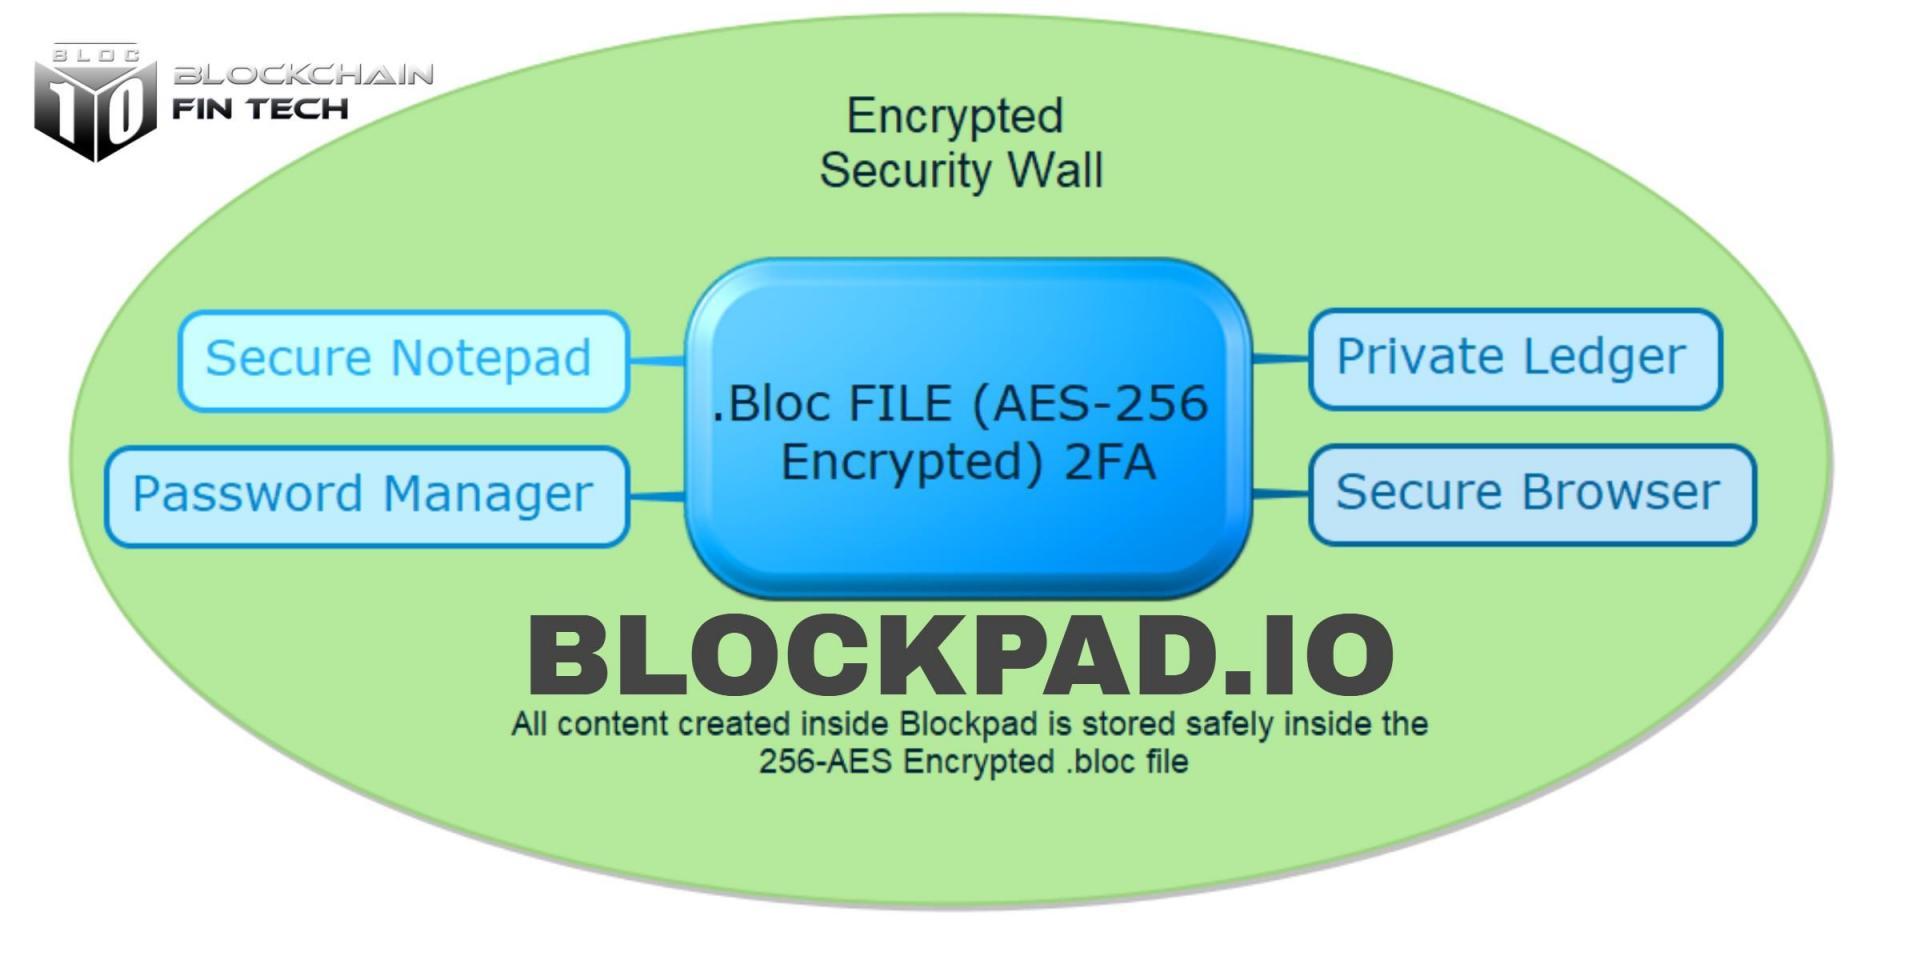 Blockpad